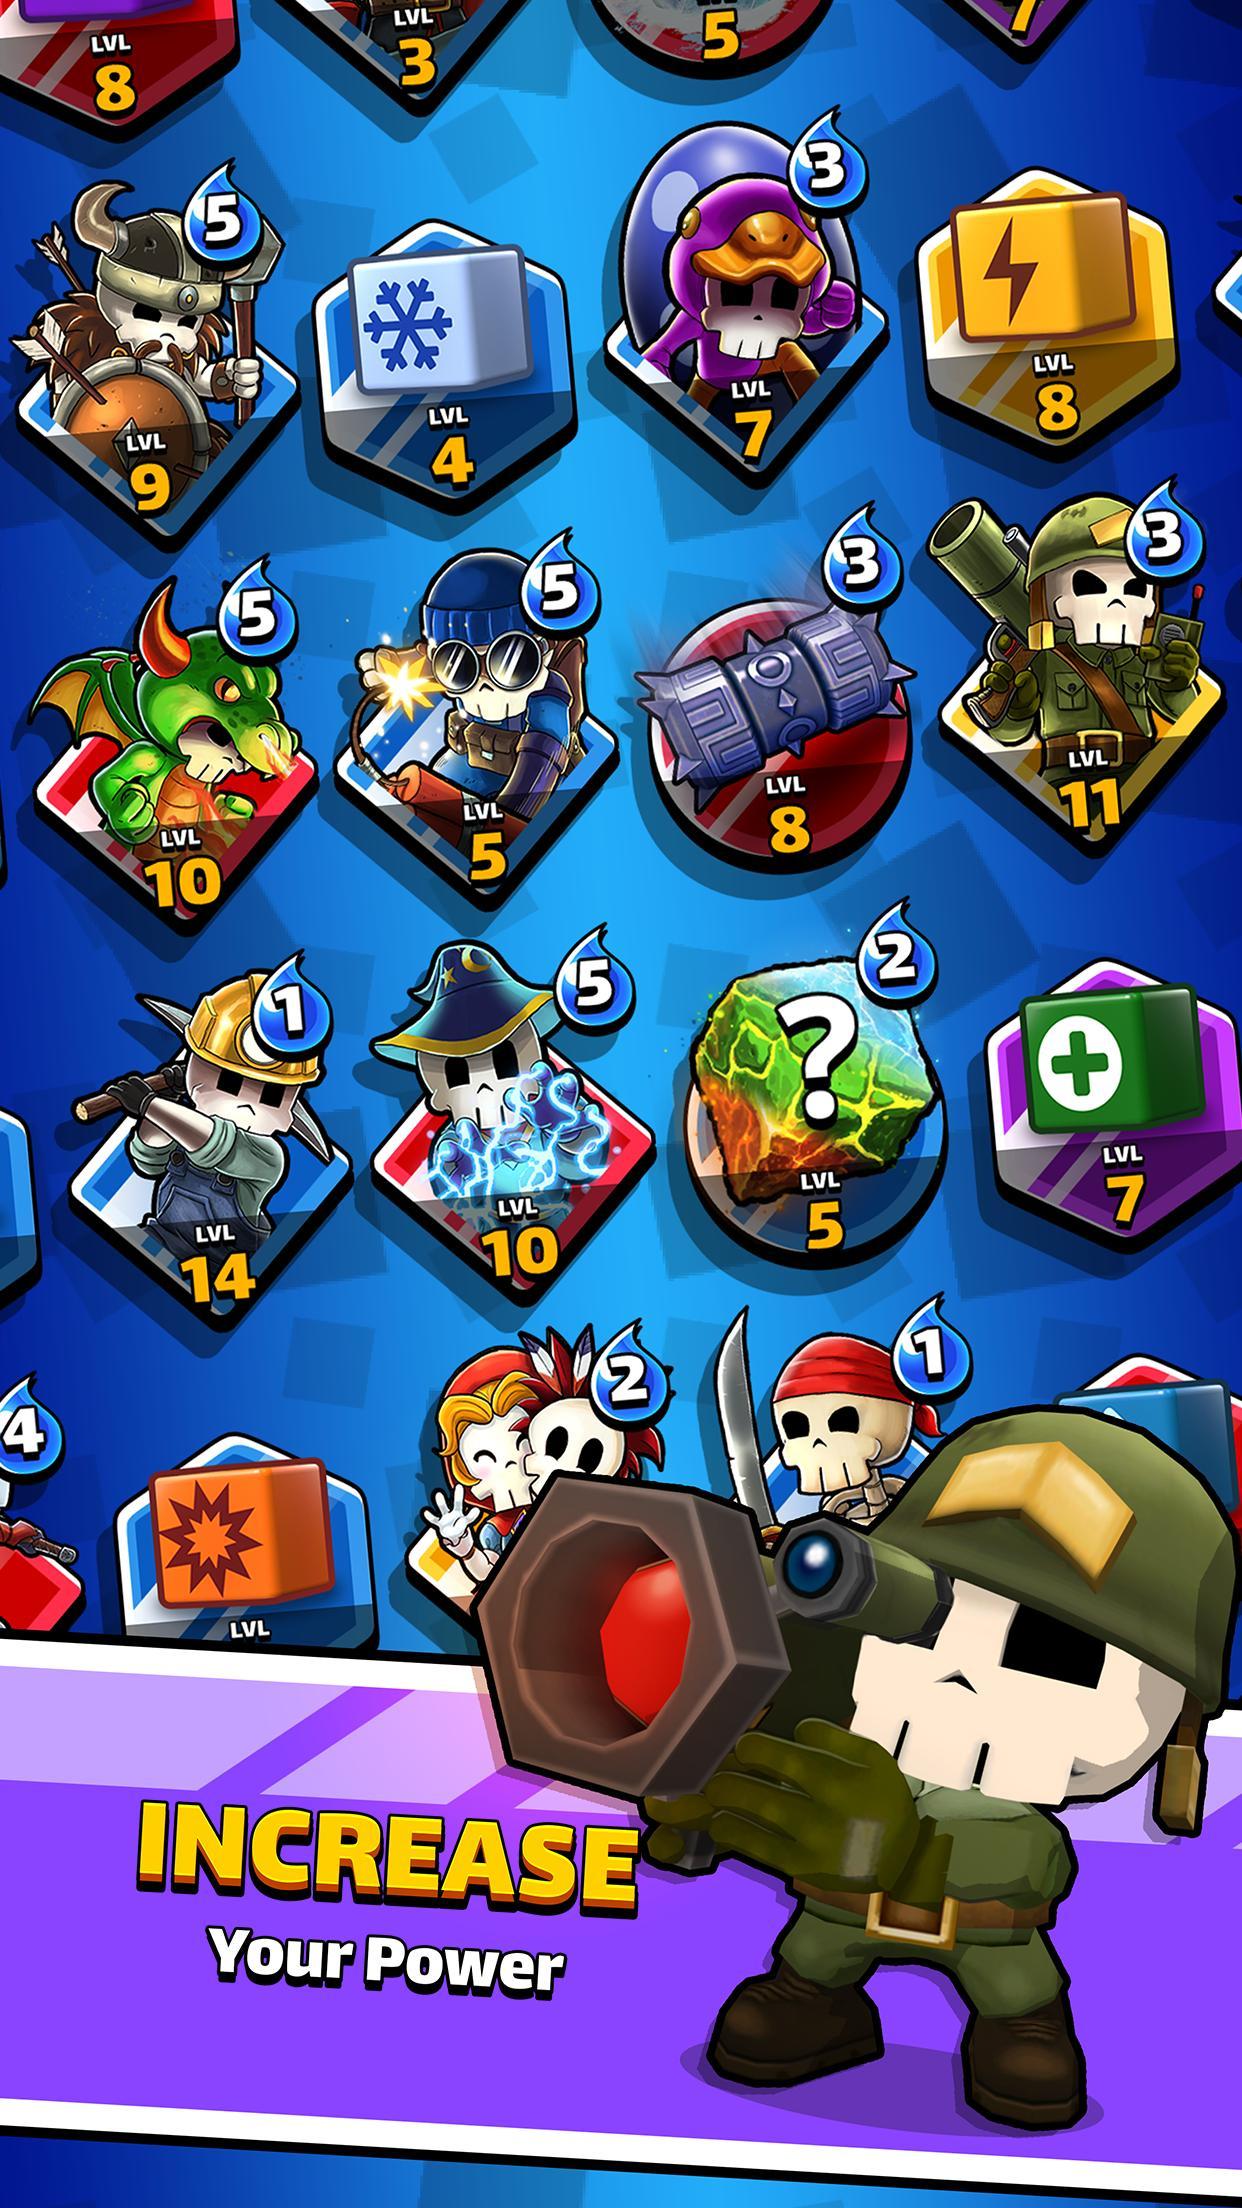 Magic Brick Wars Multiplayer Games 1.0.36 Screenshot 6